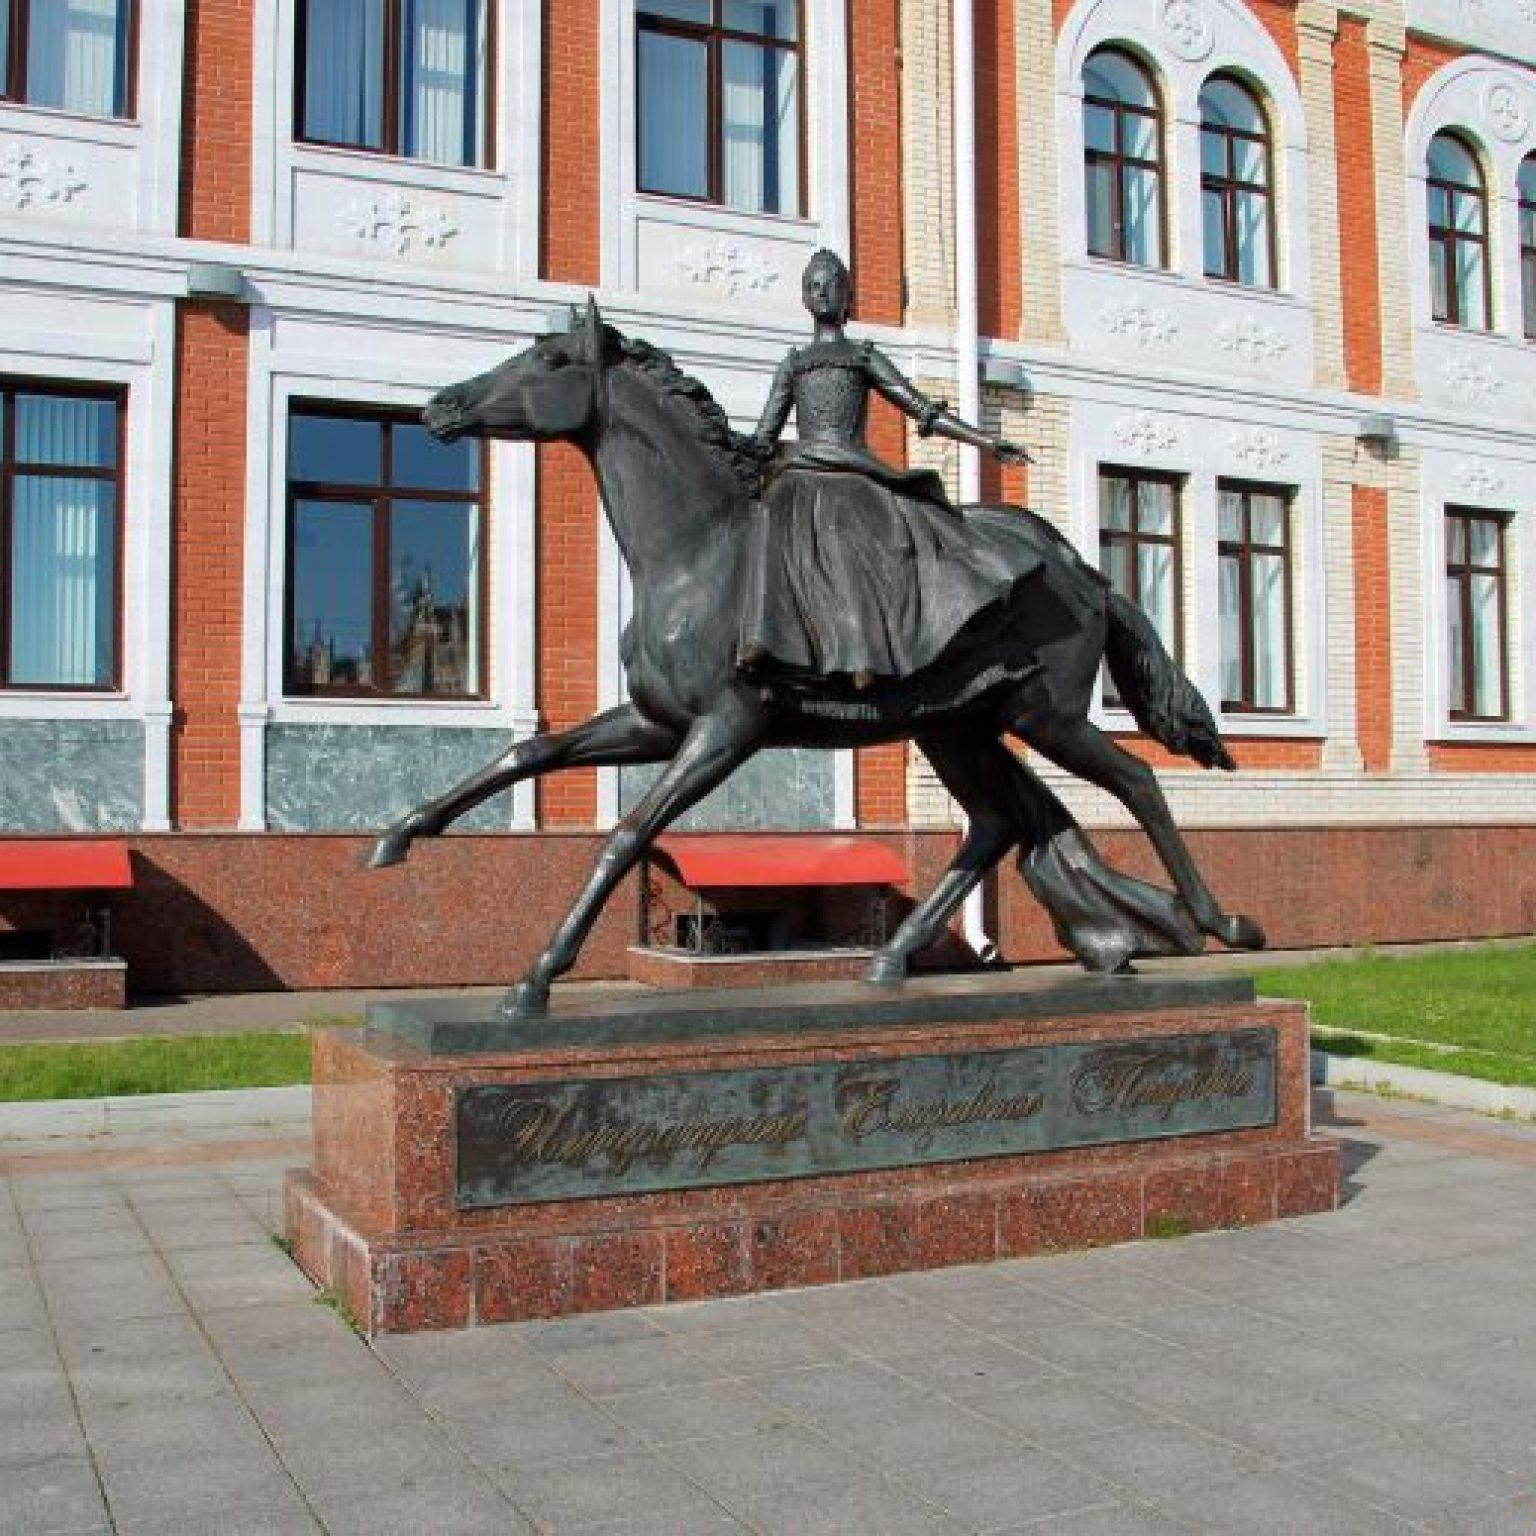 Достопримечательности Йошкар-Олы: Памятник императрице Елизавете Петровне